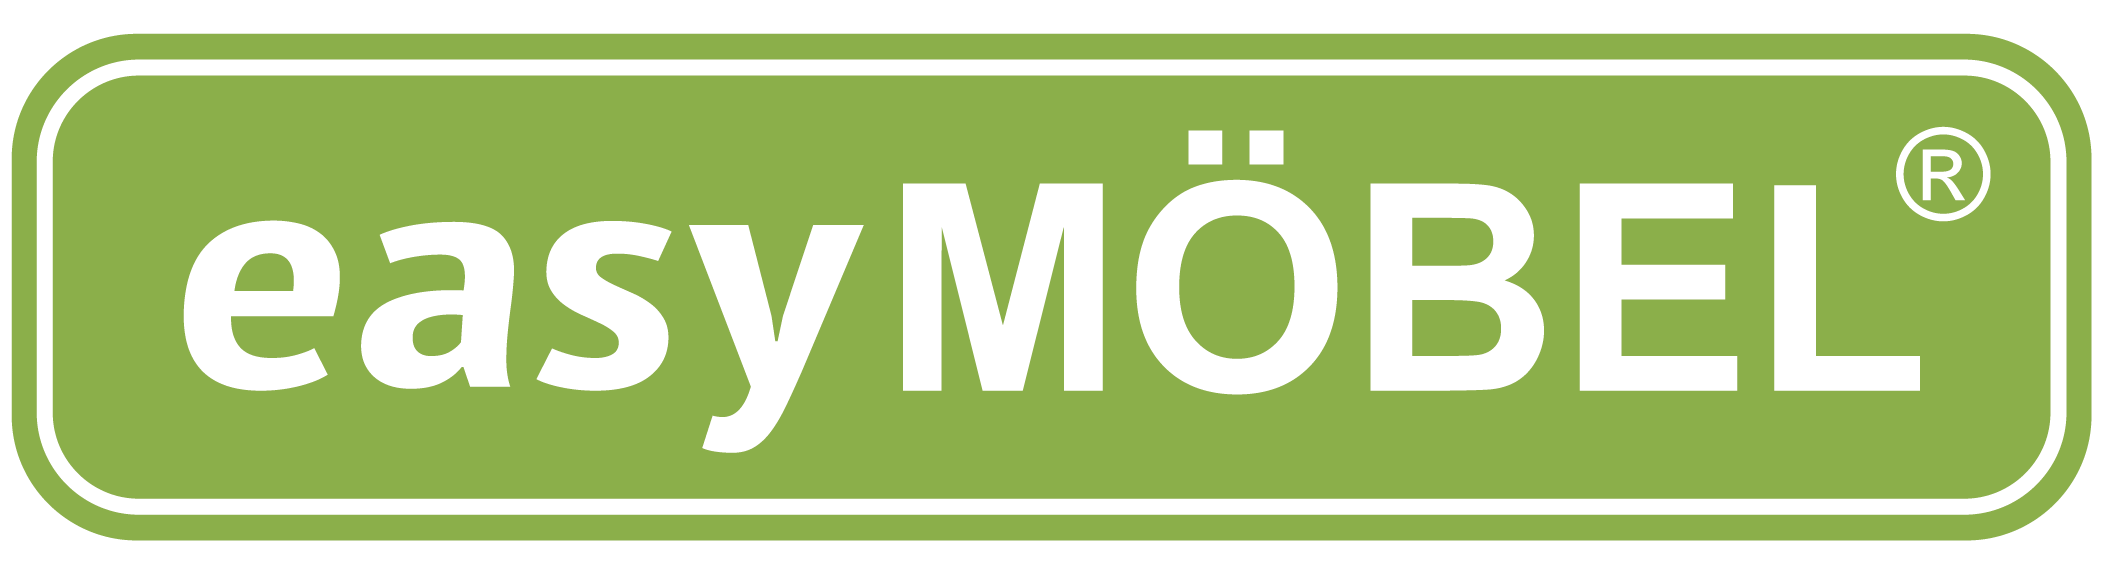 kinderbett jugendbett kiefer vollholz massiv nussfarben a7 inkl lattenrost abmessungen 90. Black Bedroom Furniture Sets. Home Design Ideas